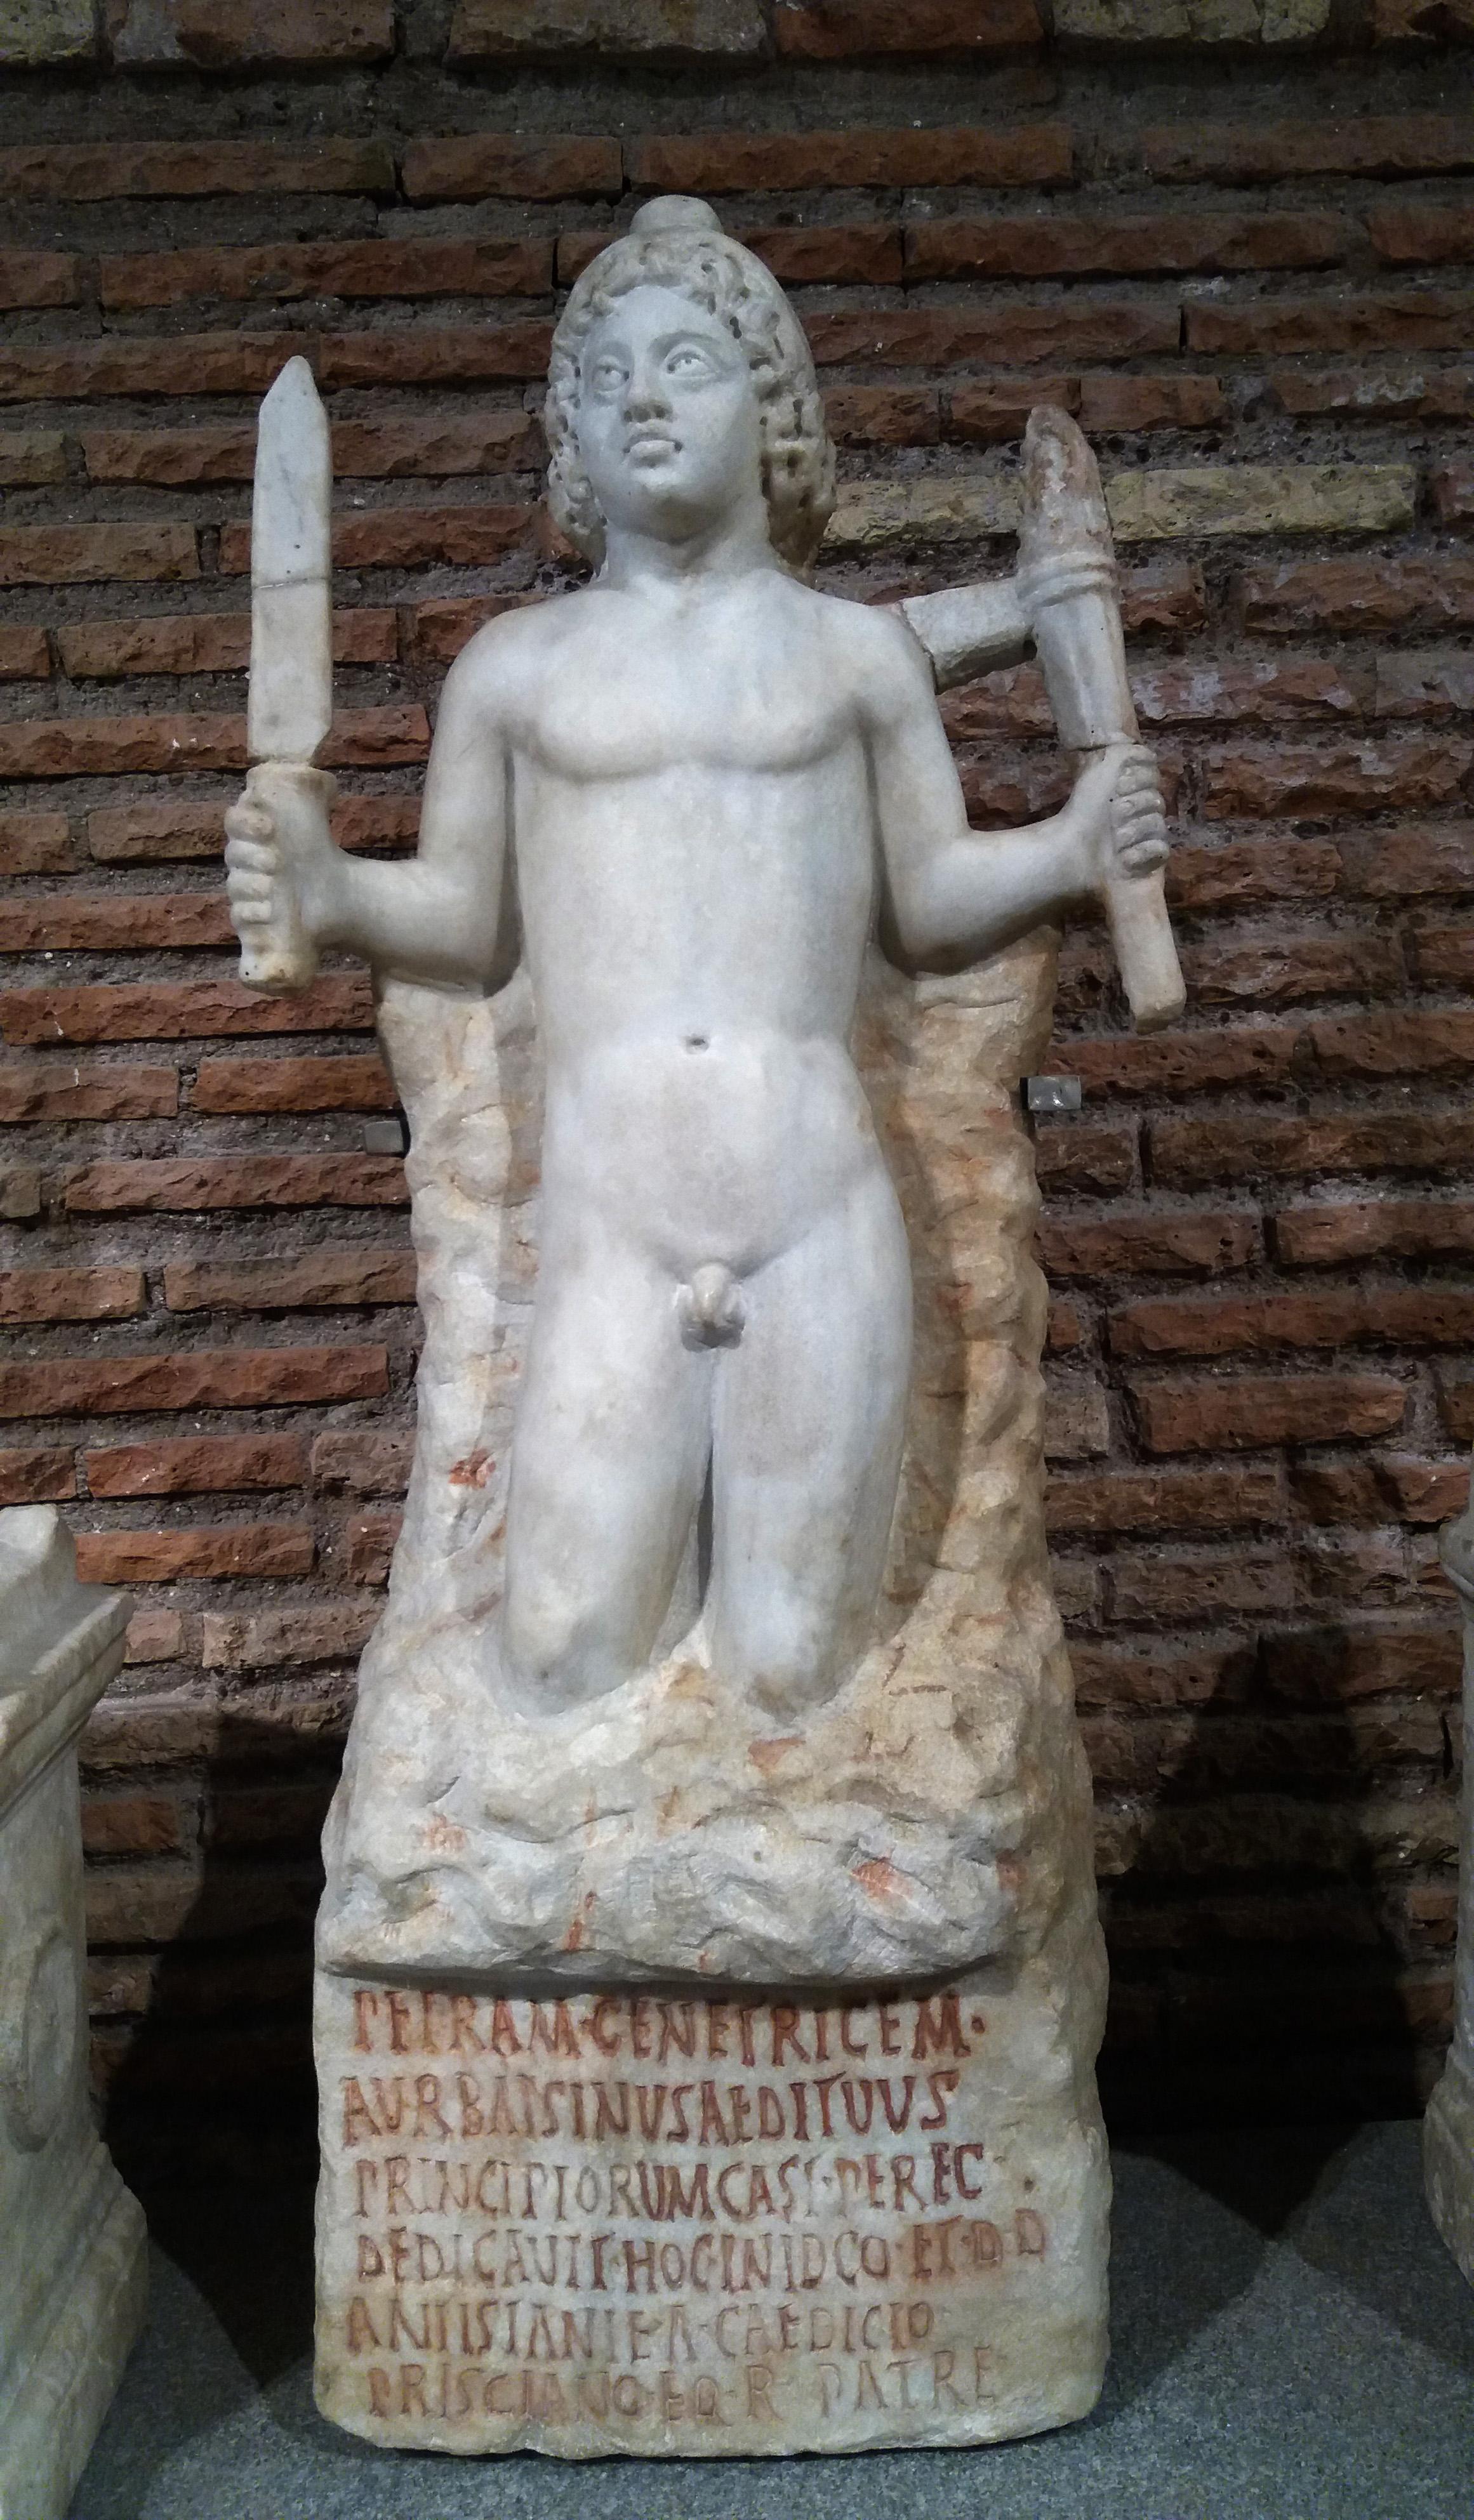 Foto 5: Kaljust sündinud Mithras pistoda ja tõrvikuga. Rooma Rahvusmuuseum (foto: Jaan Lahe).